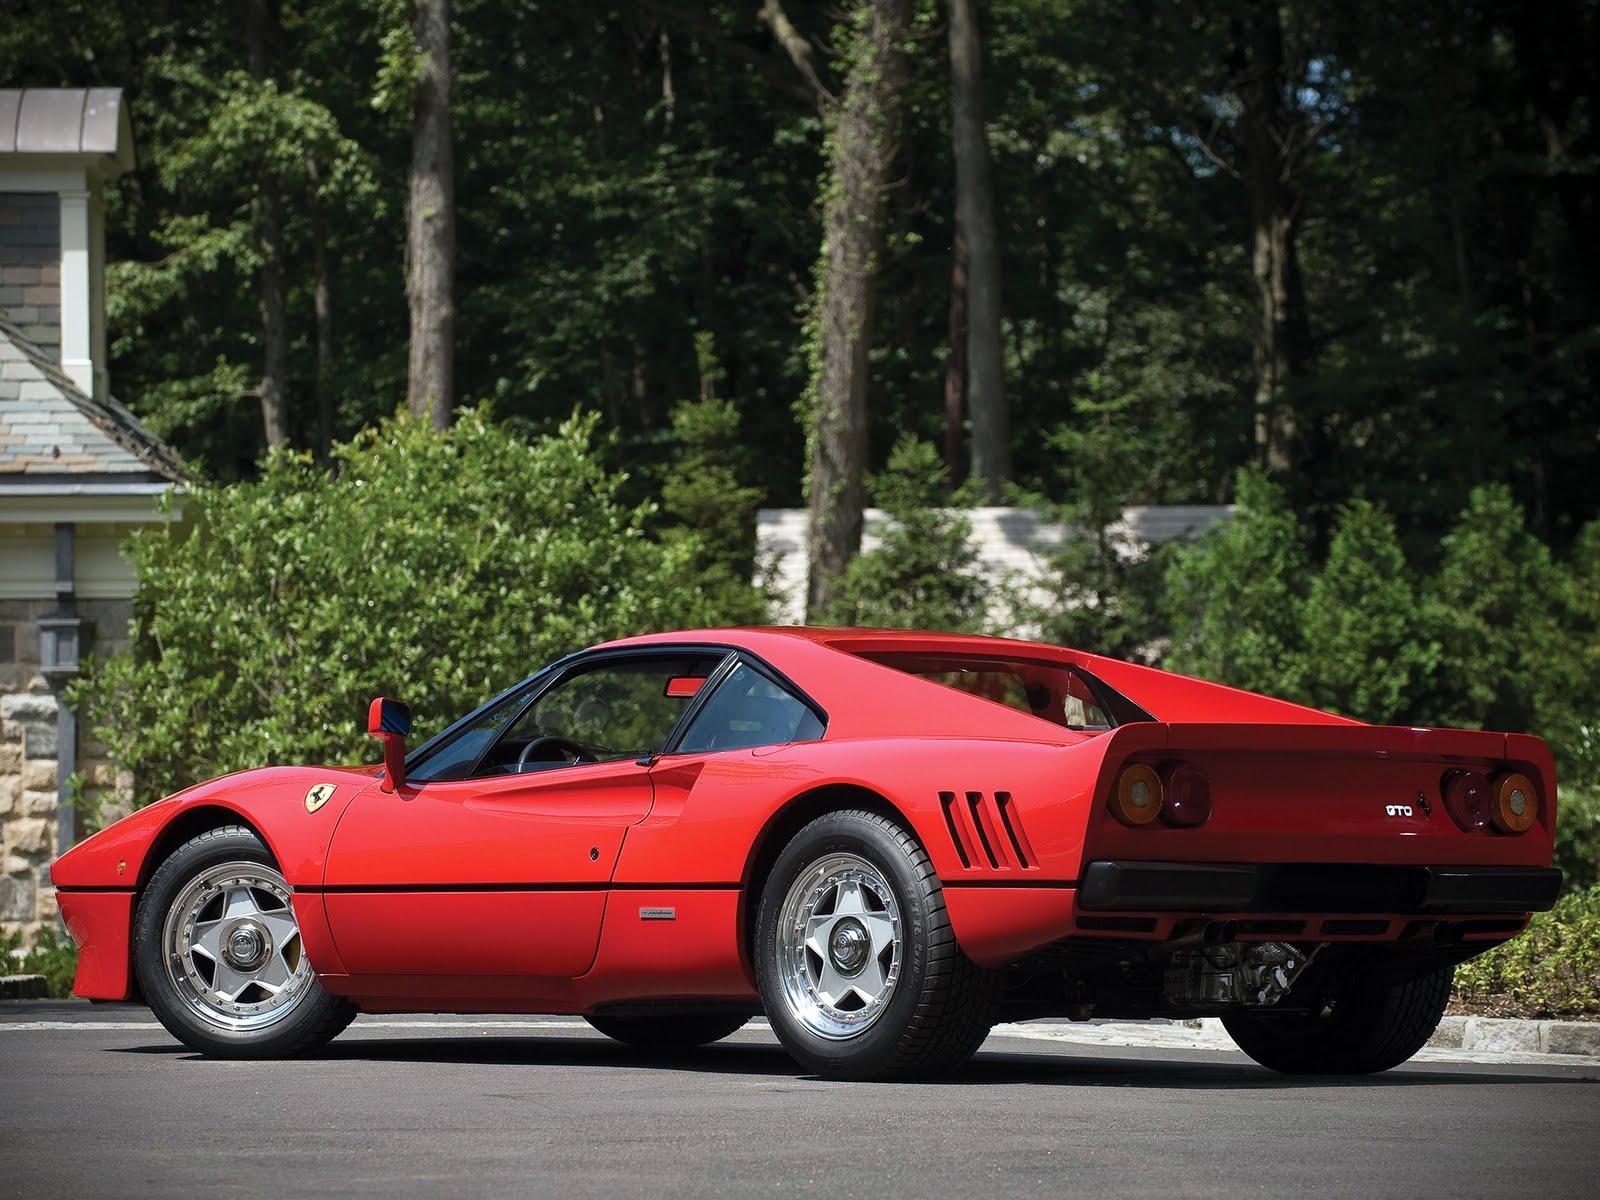 Matchbox Memories: Matchboxon kívüliek: Siku 1060 Ferrari (288) GTO